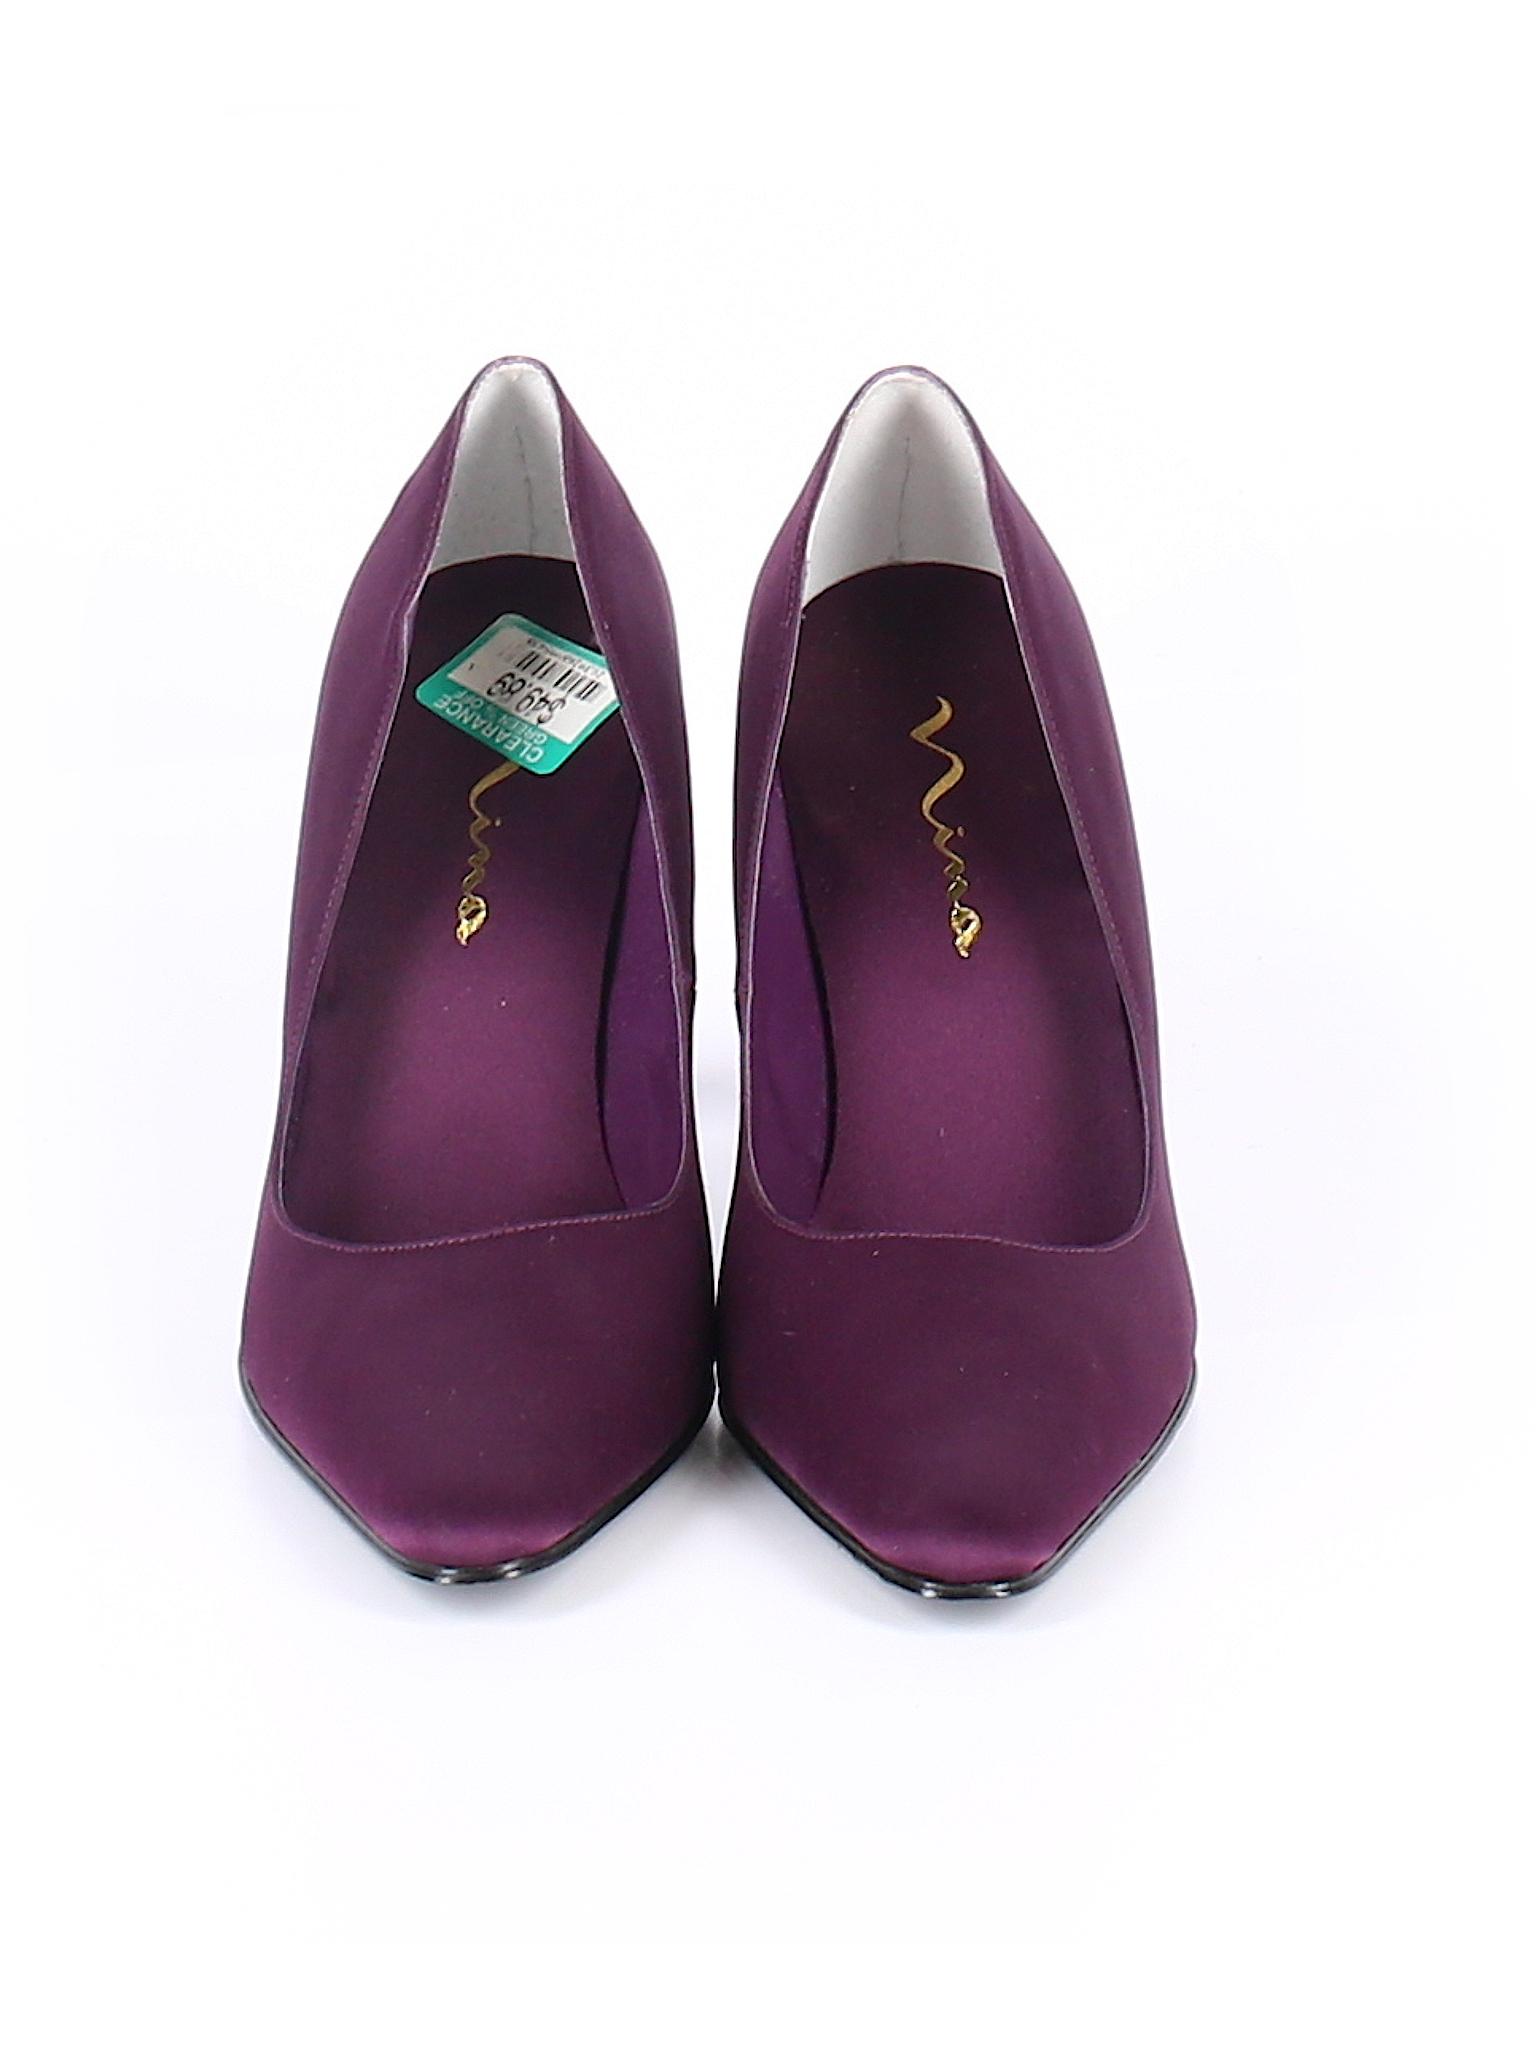 promotion Nina Boutique Boutique Heels promotion 8qUnvPz